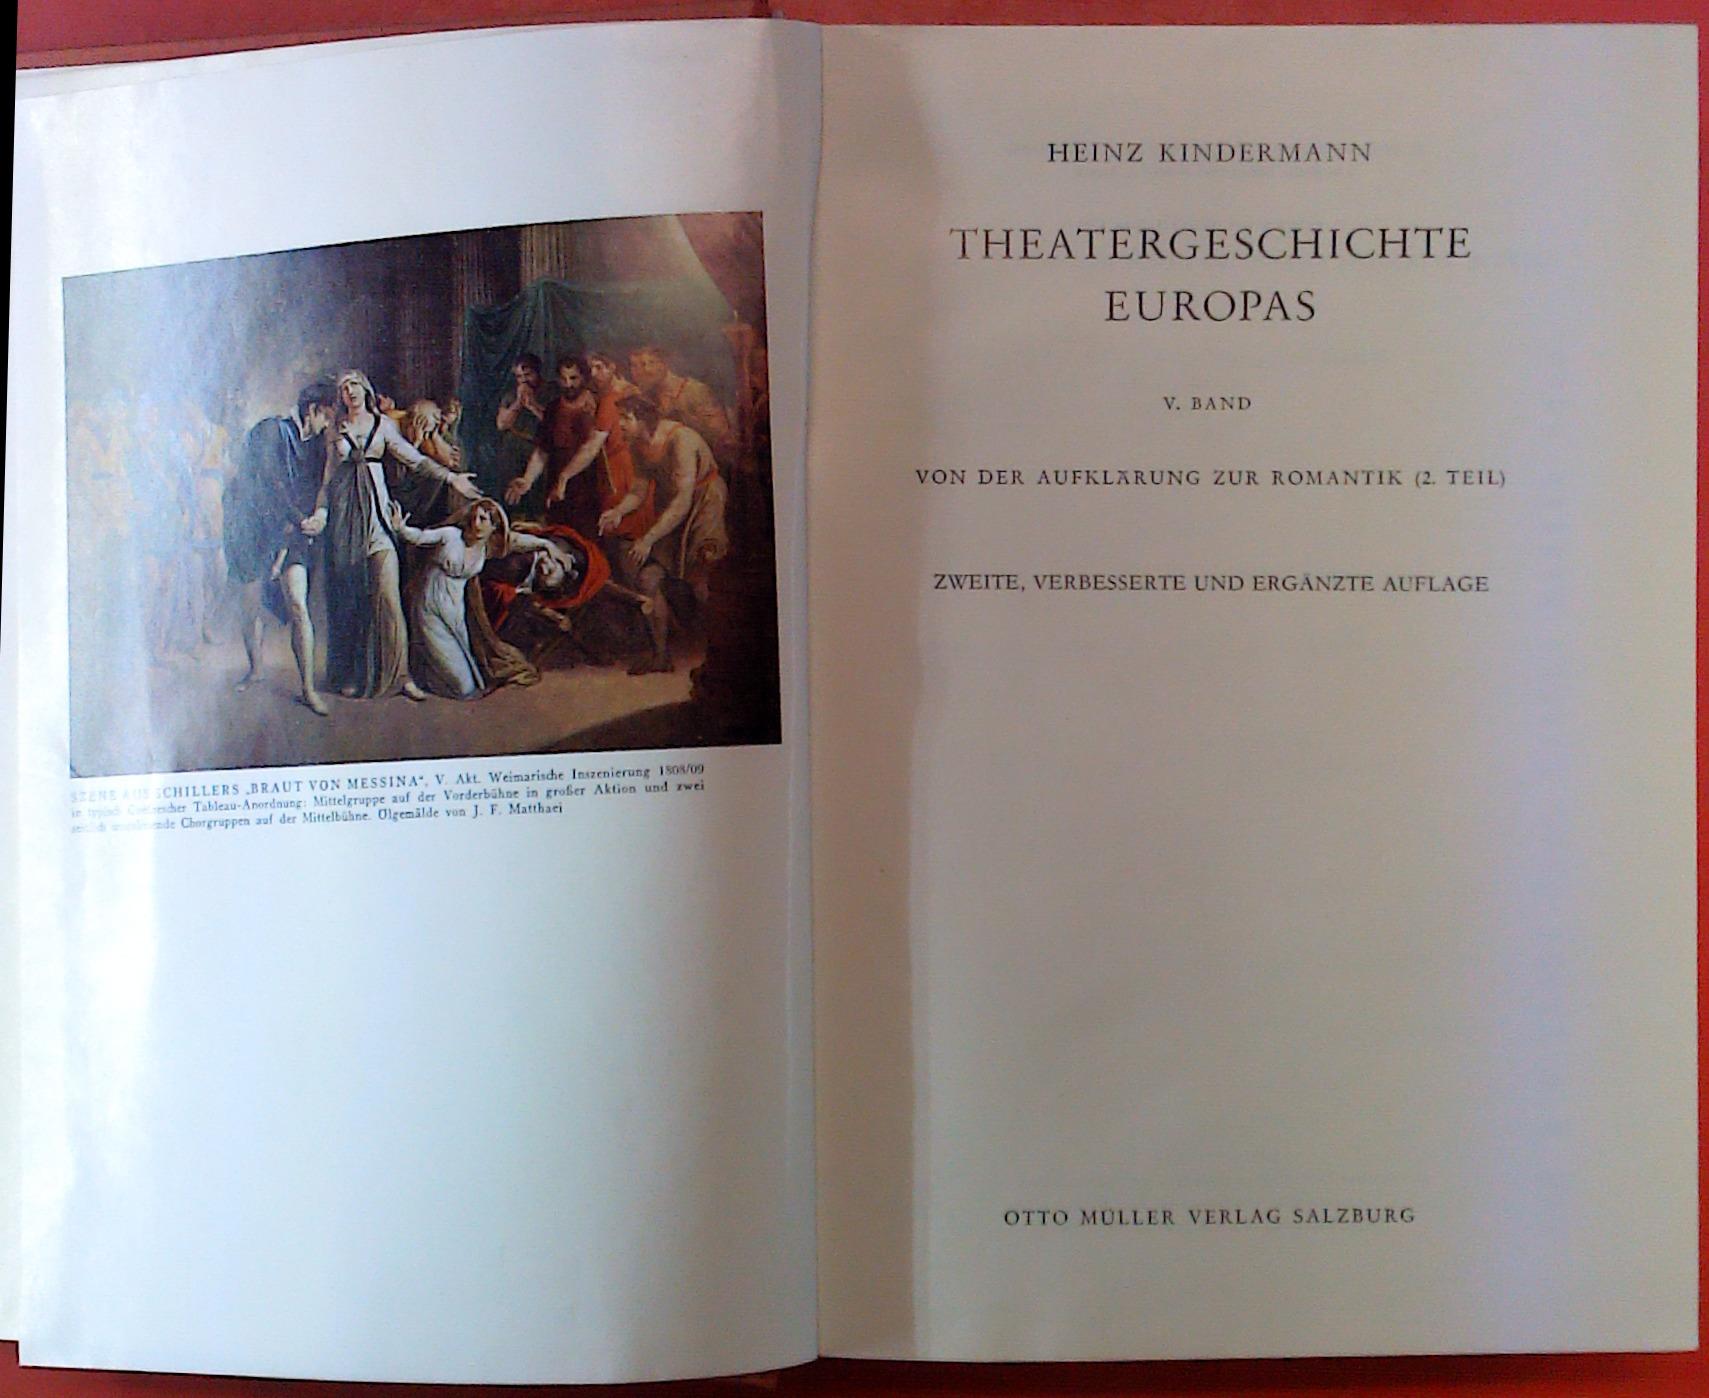 Theatergeschichte Europas V. Band. Von der Aufklärung zur Romantik (2. Teil). Zweite, verbesserte und ergänzte Auflage. - Heinz Kindermann